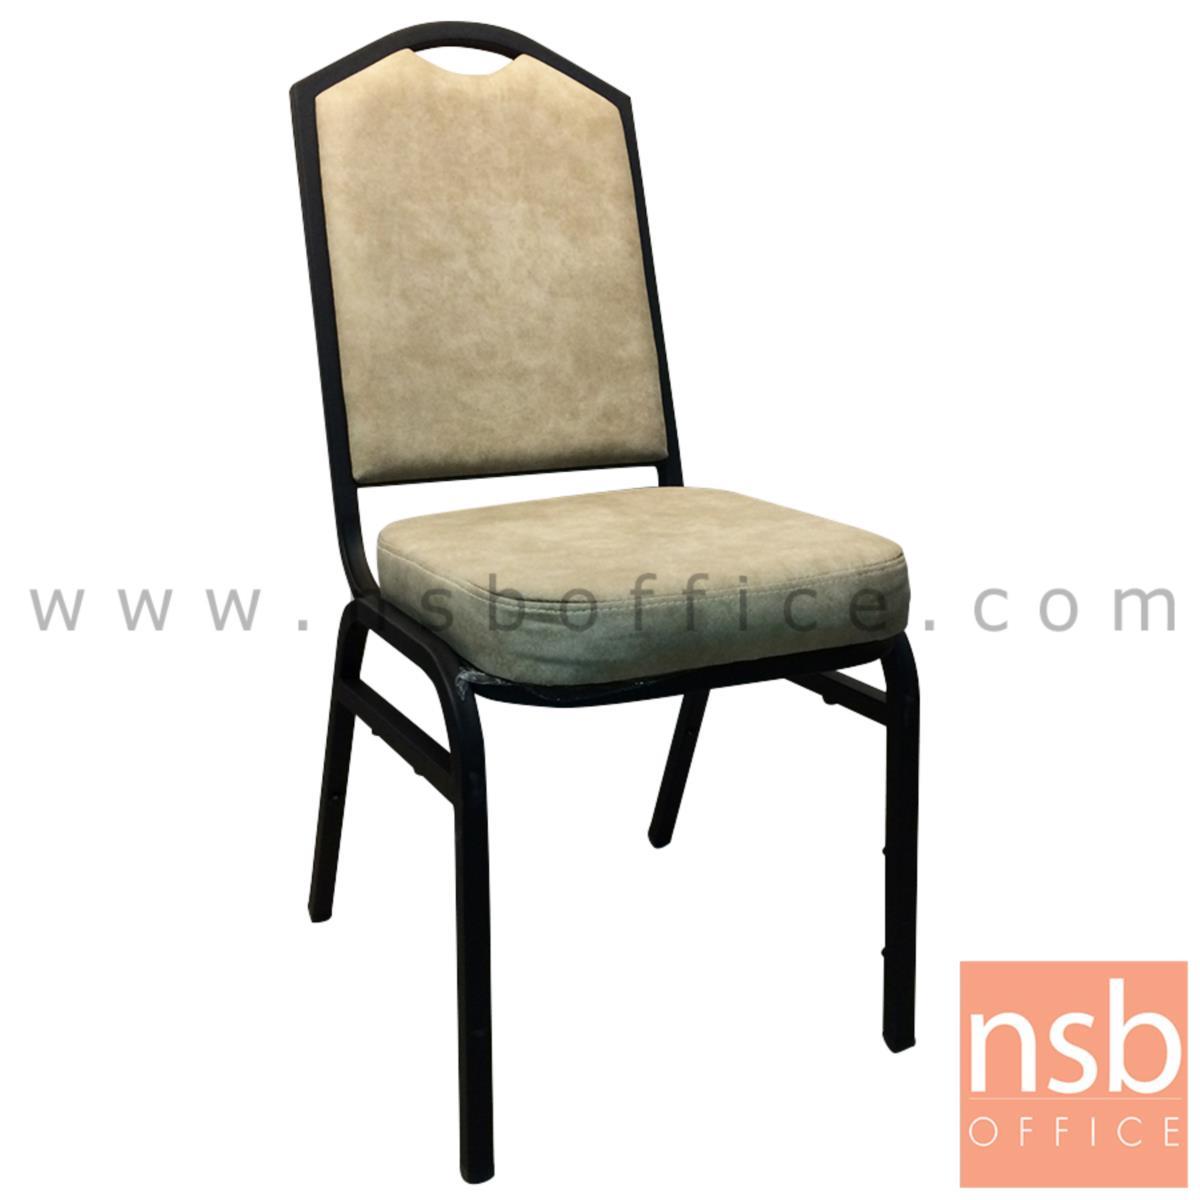 B05A140:เก้าอี้อเนกประสงค์จัดเลี้ยง  ขนาด 95H cm.  ขาเหล็กพ่นดำ